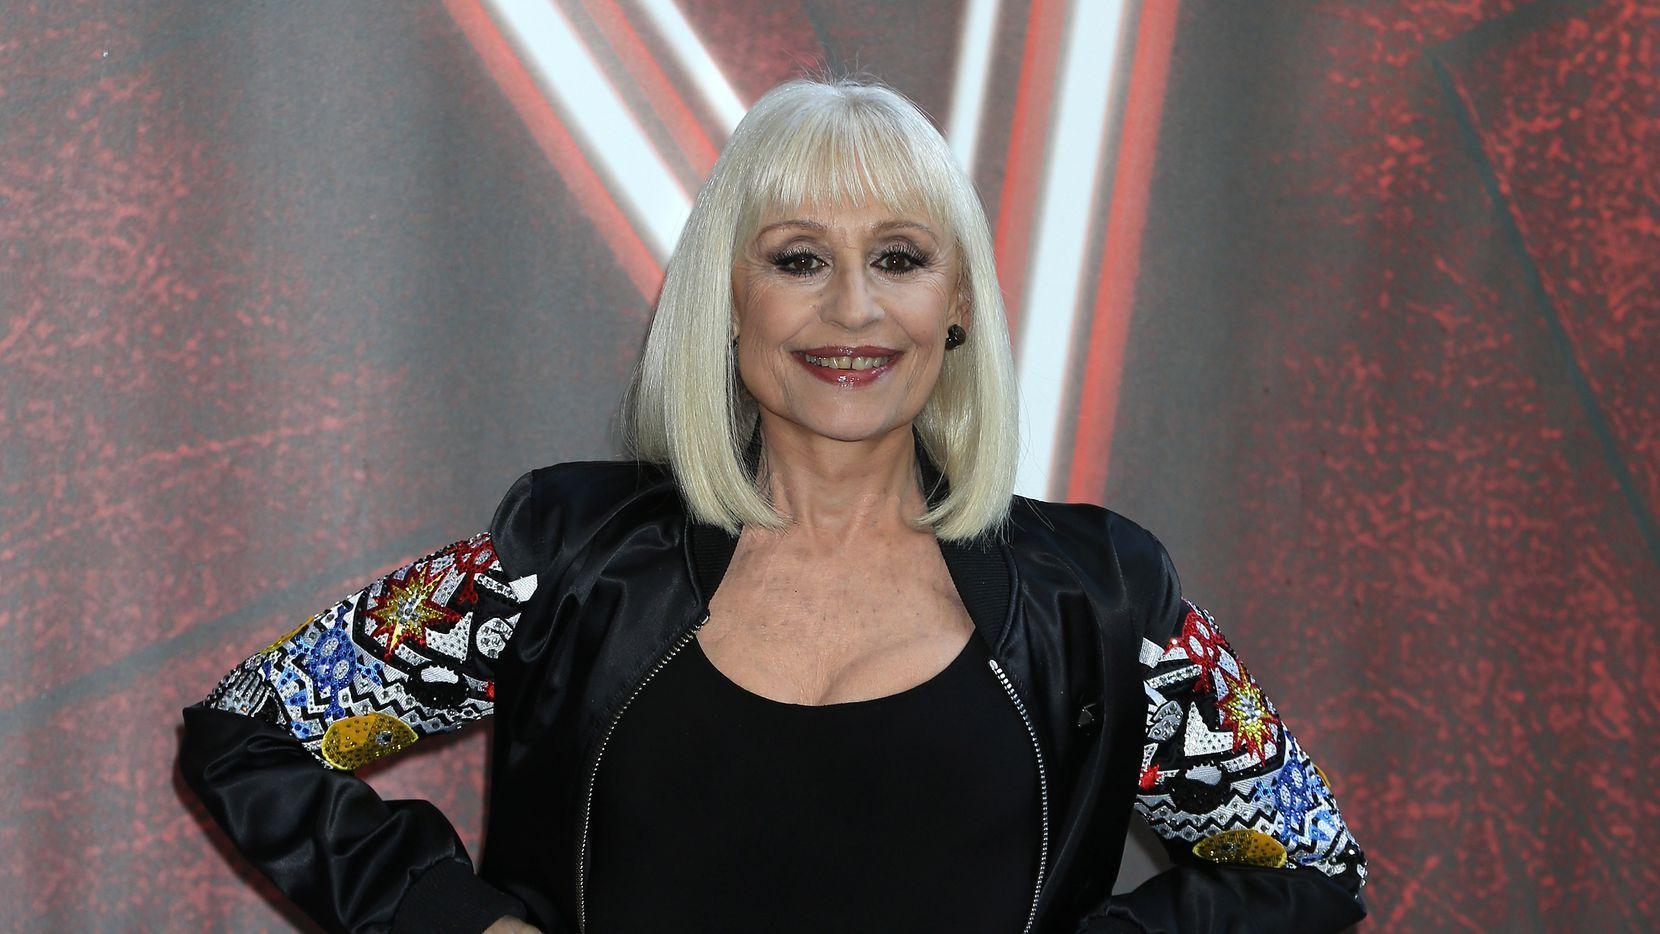 Raffaella Carrá era parte del jurado de The Voice, versión Italia. Foto de mayo de 2016 en Milán.